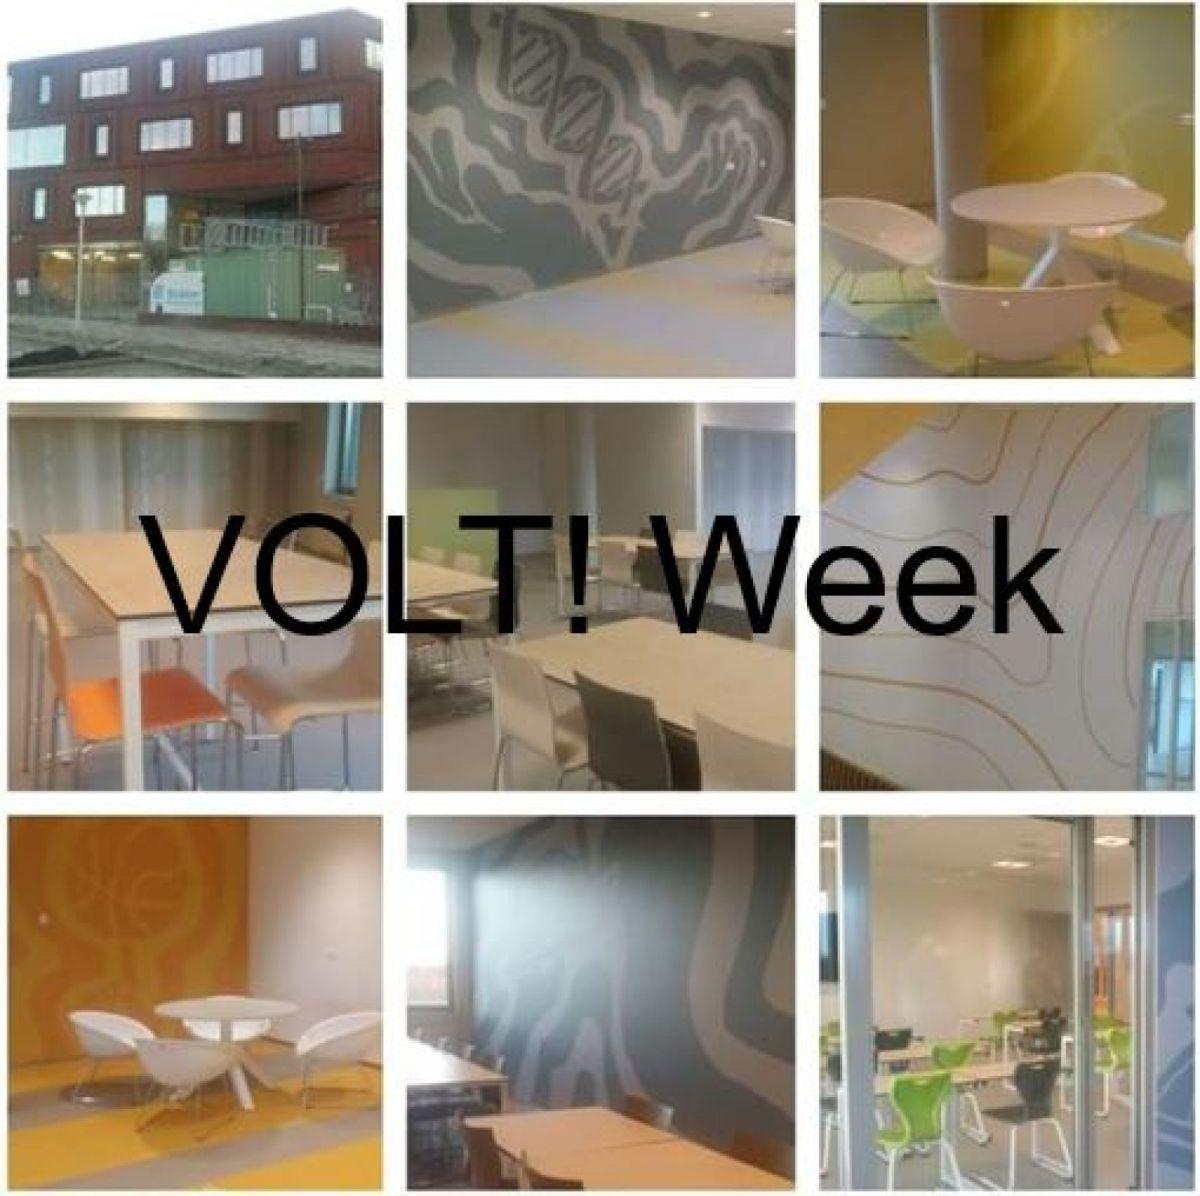 VOLT!week